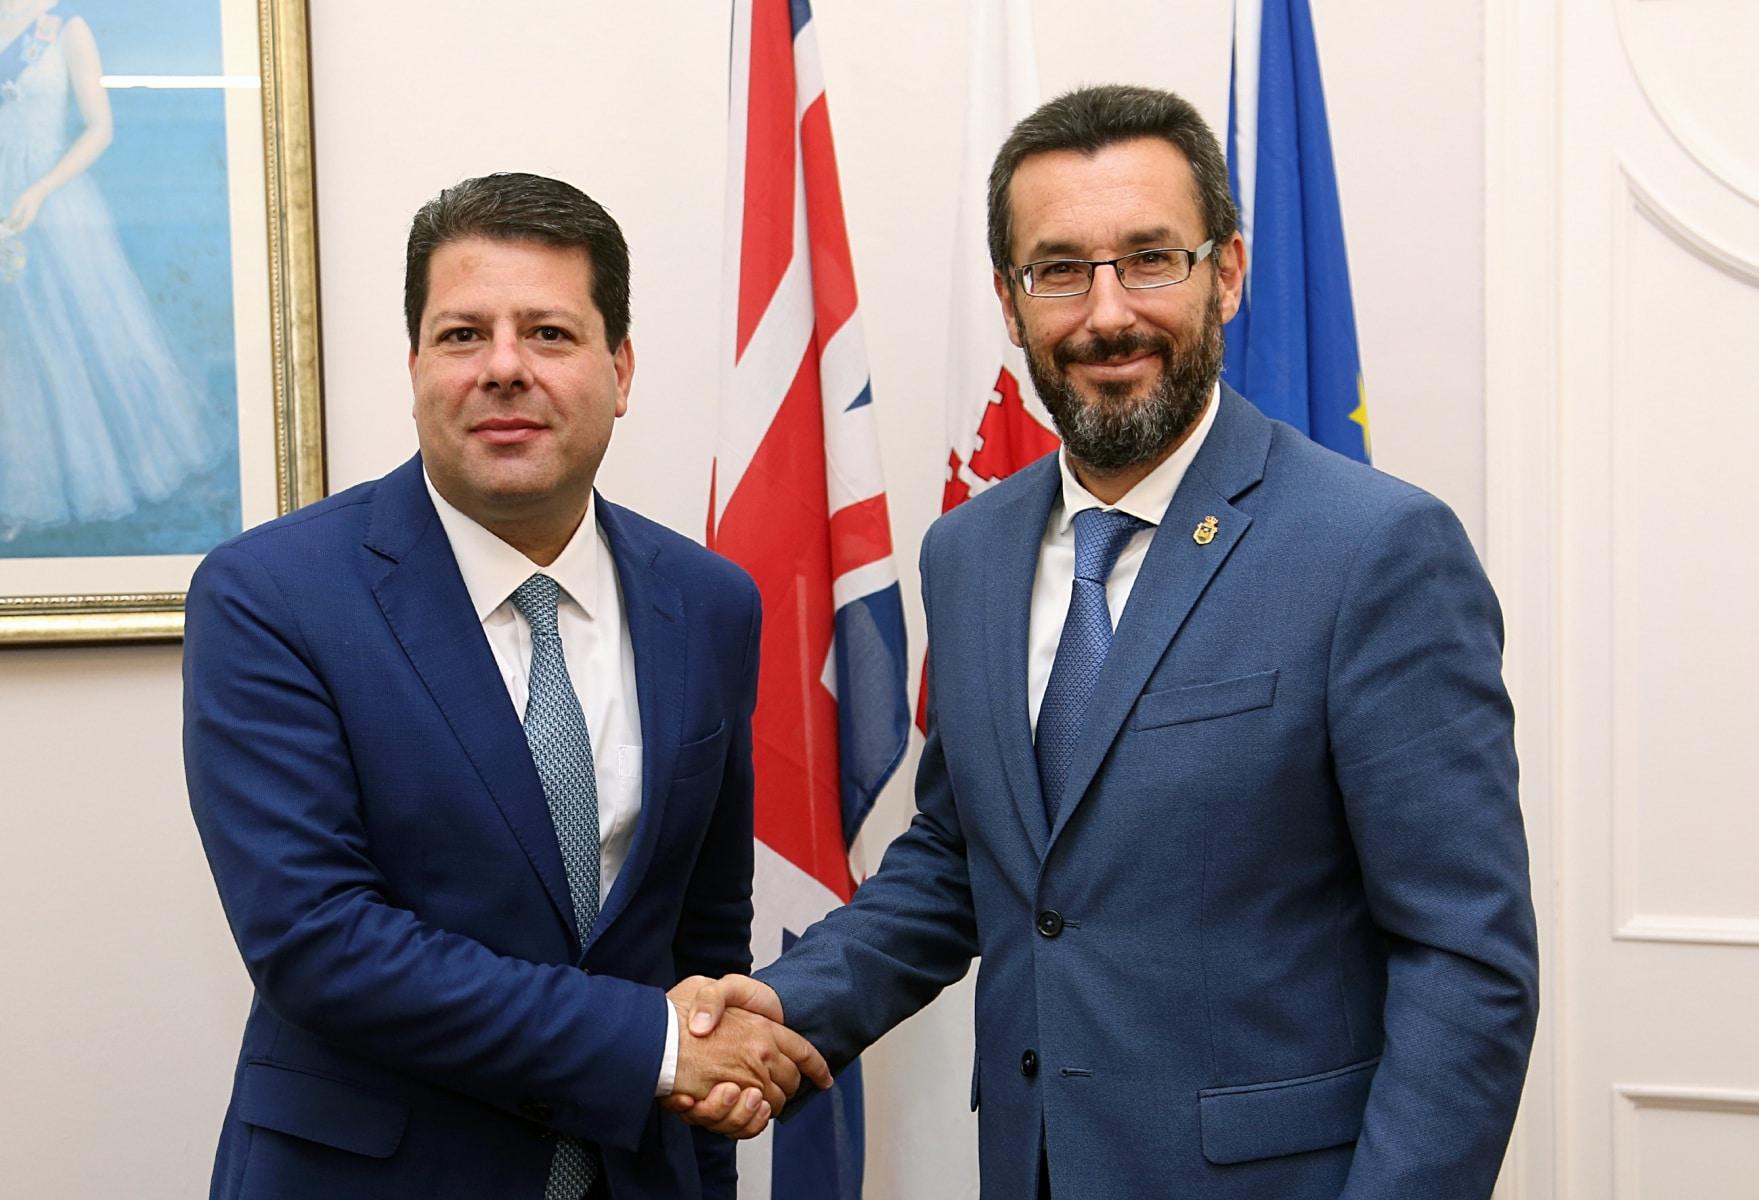 visita-del-alcalde-de-la-lnea-al-ministro-principal-de-gibraltar_48954605236_o